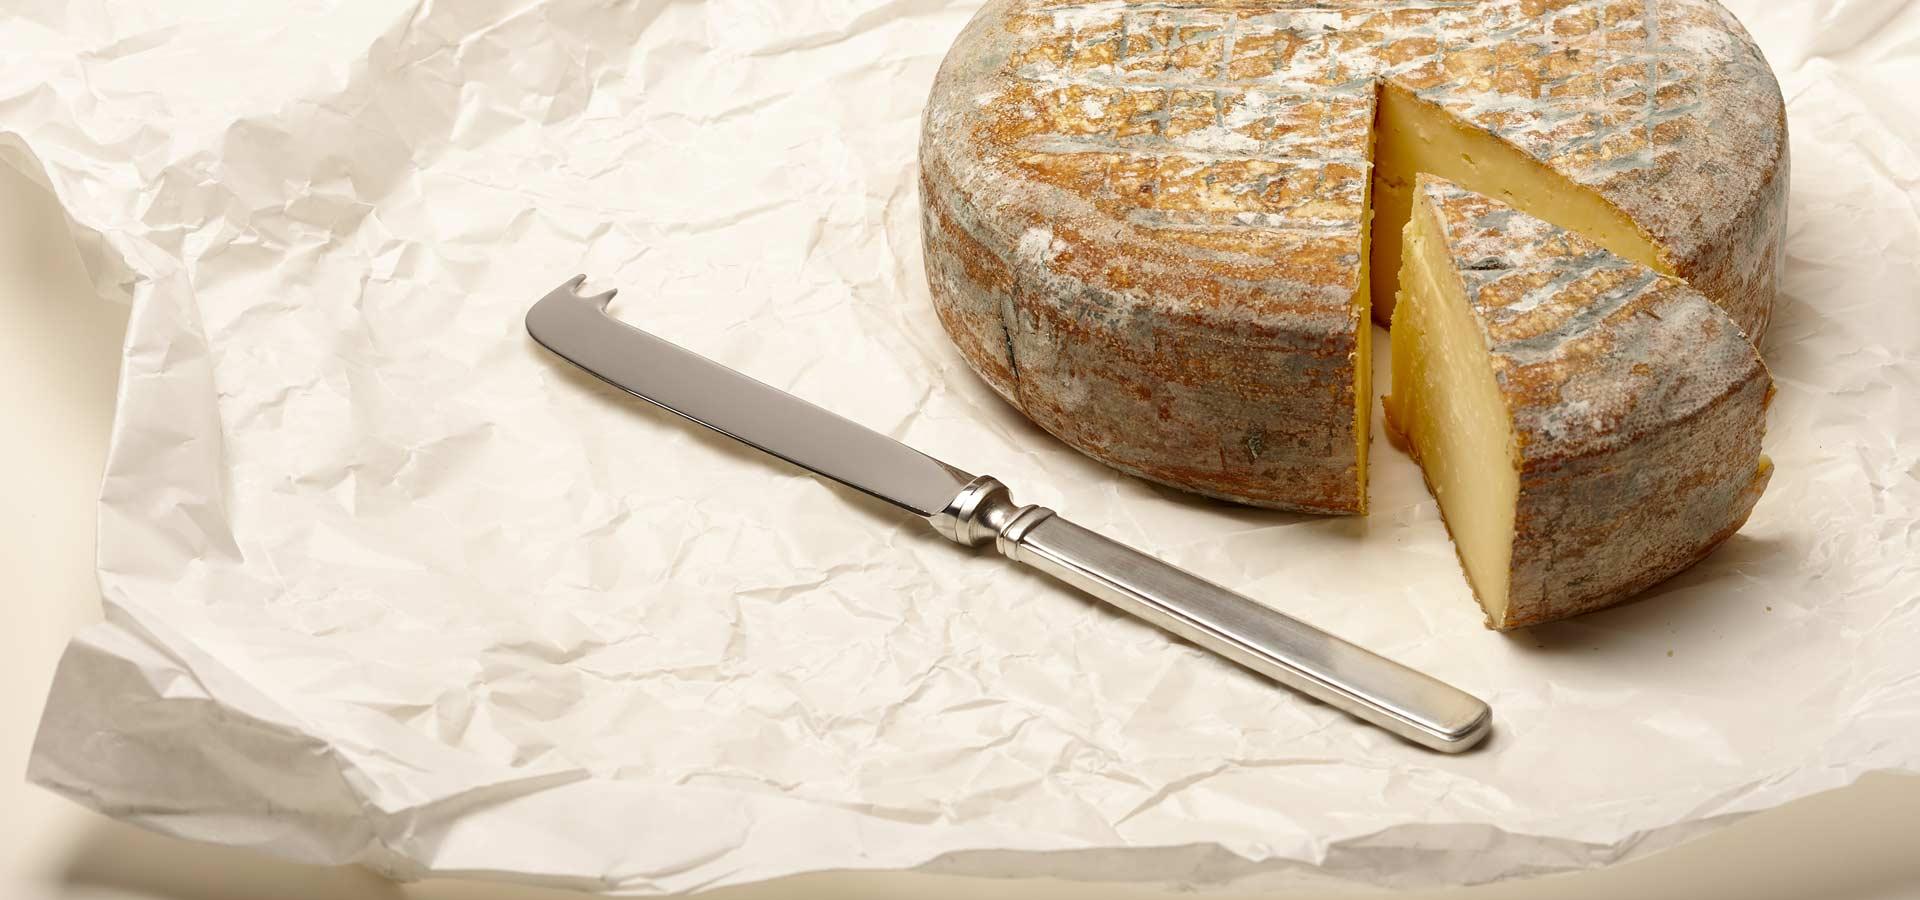 flatware, cutlery